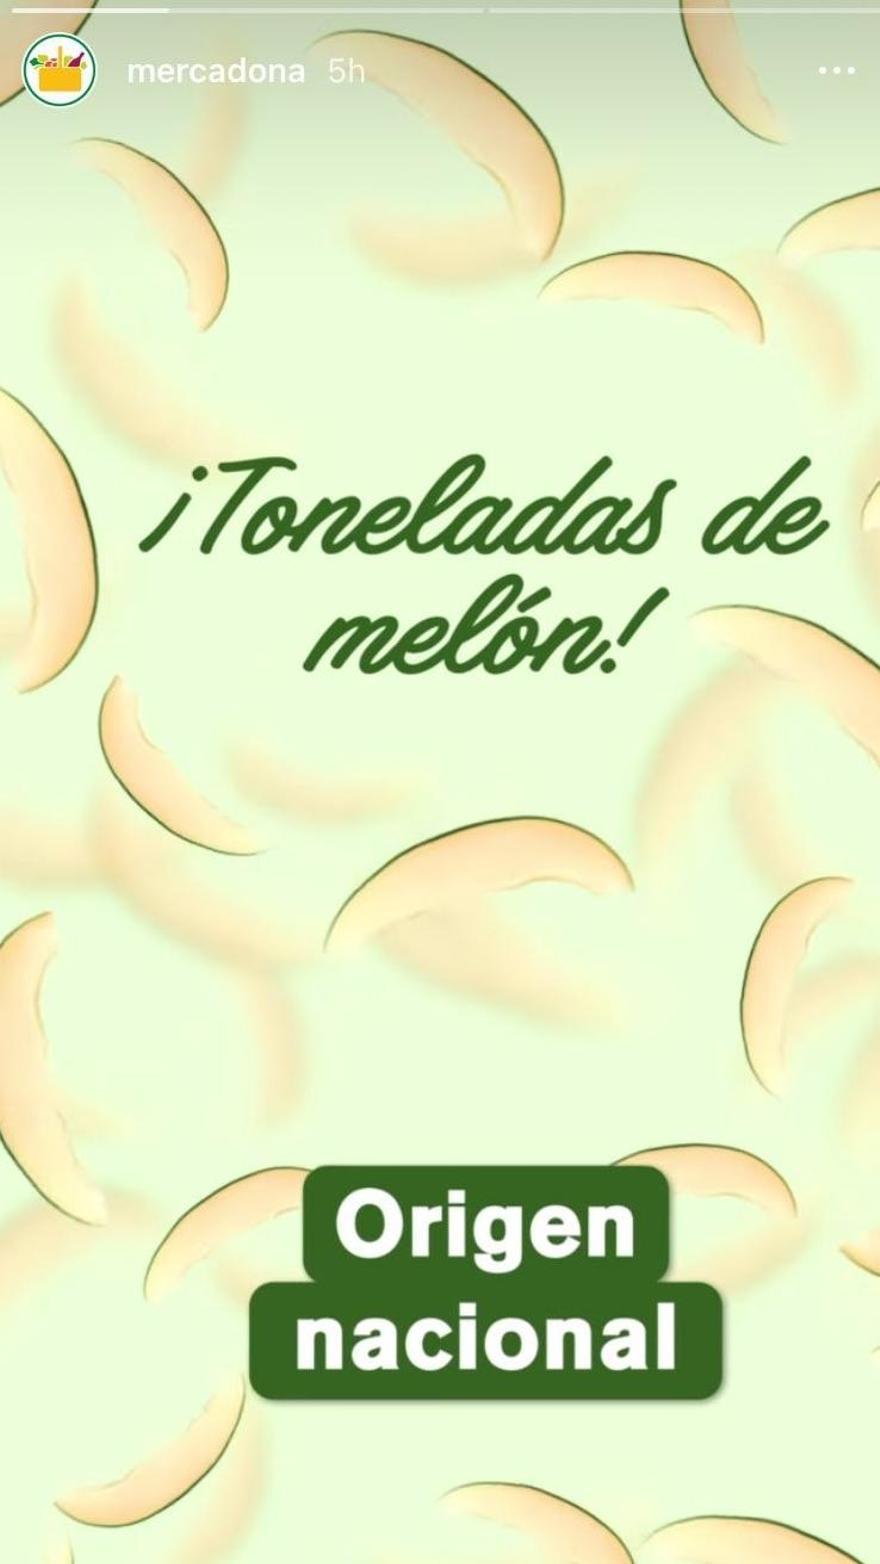 Historia de Instagram de Mercadona anunciando la compra de toneladas de melones de origen nacional